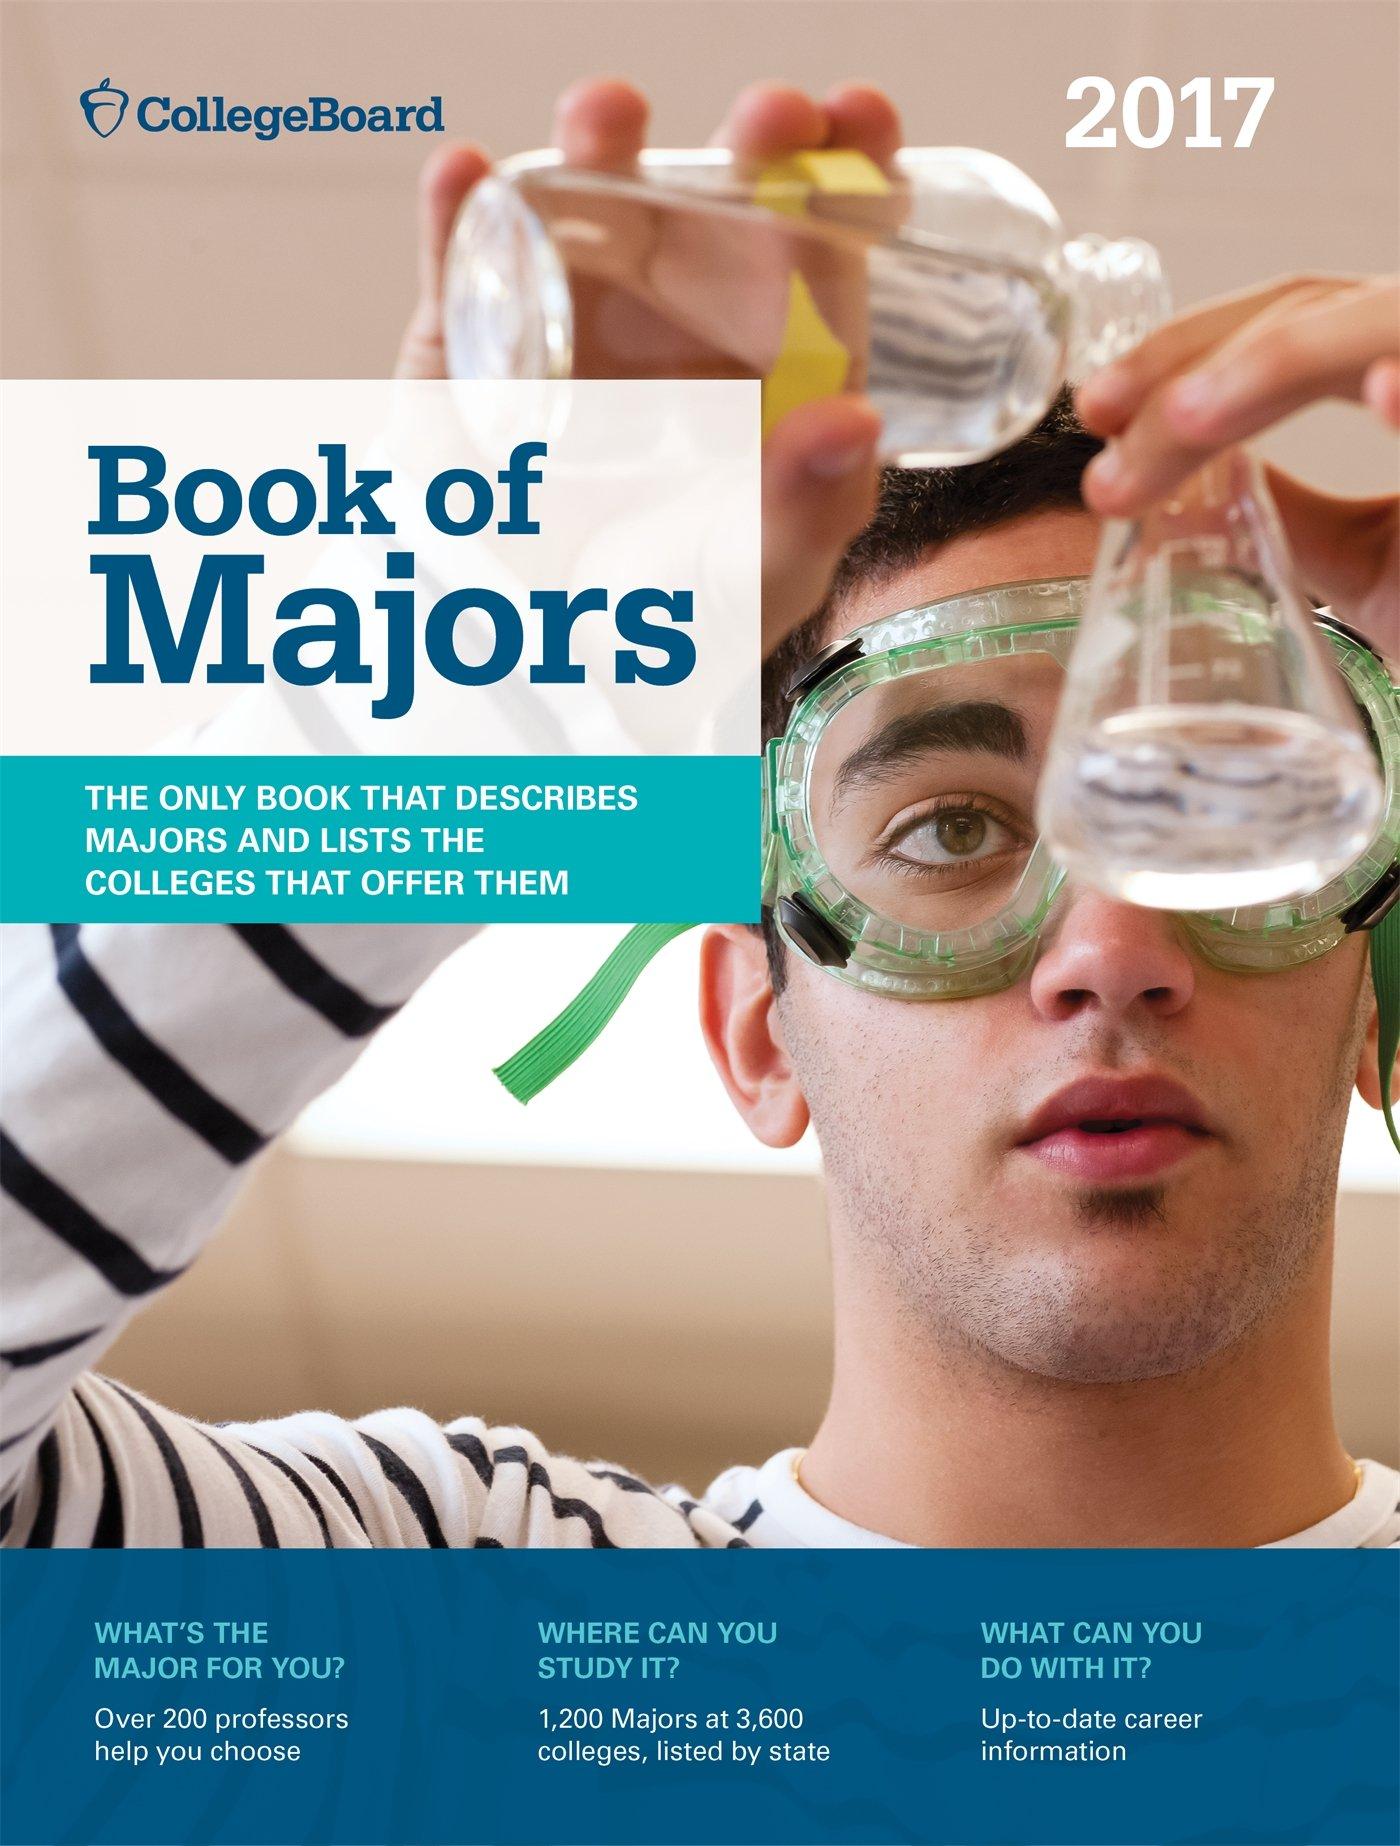 Book Majors 2017 College Board